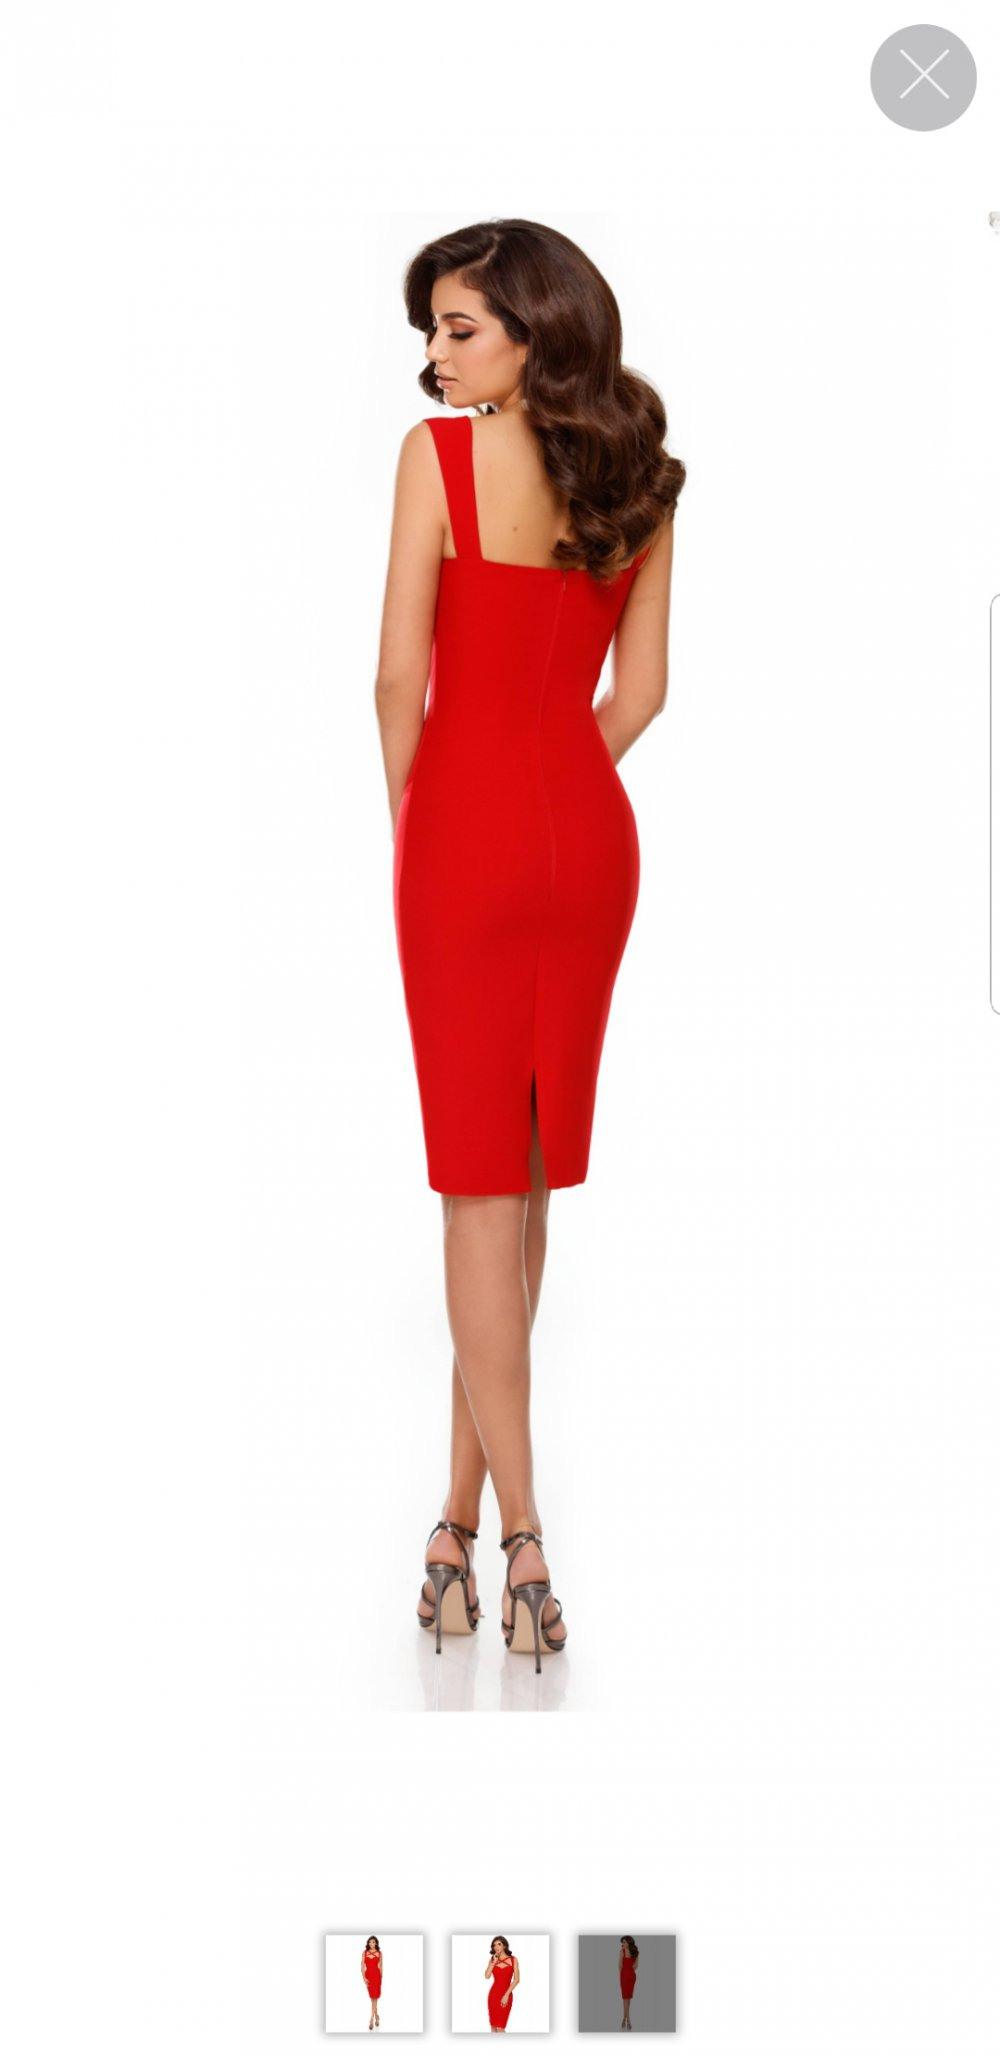 13 Genial Rotes Kleid Kurz Bester Preis Kreativ Rotes Kleid Kurz Galerie